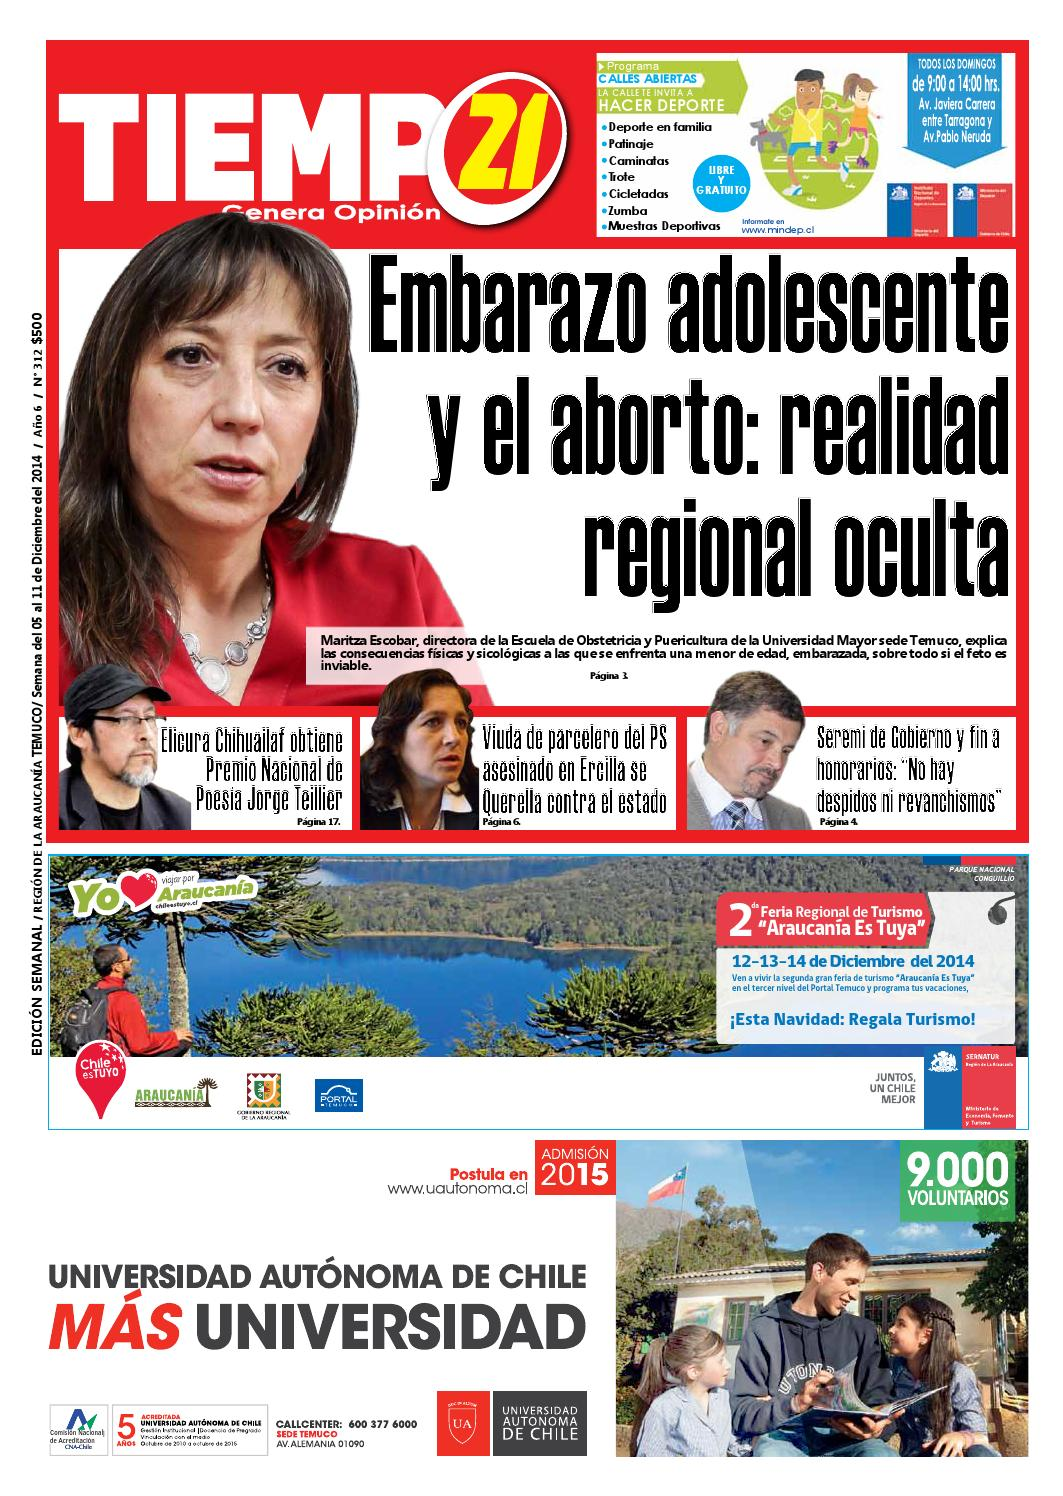 Edici N 312 Embarazo Adolescente Y Aborto Realidad Regional  # Muebles Mehuin Rancagua